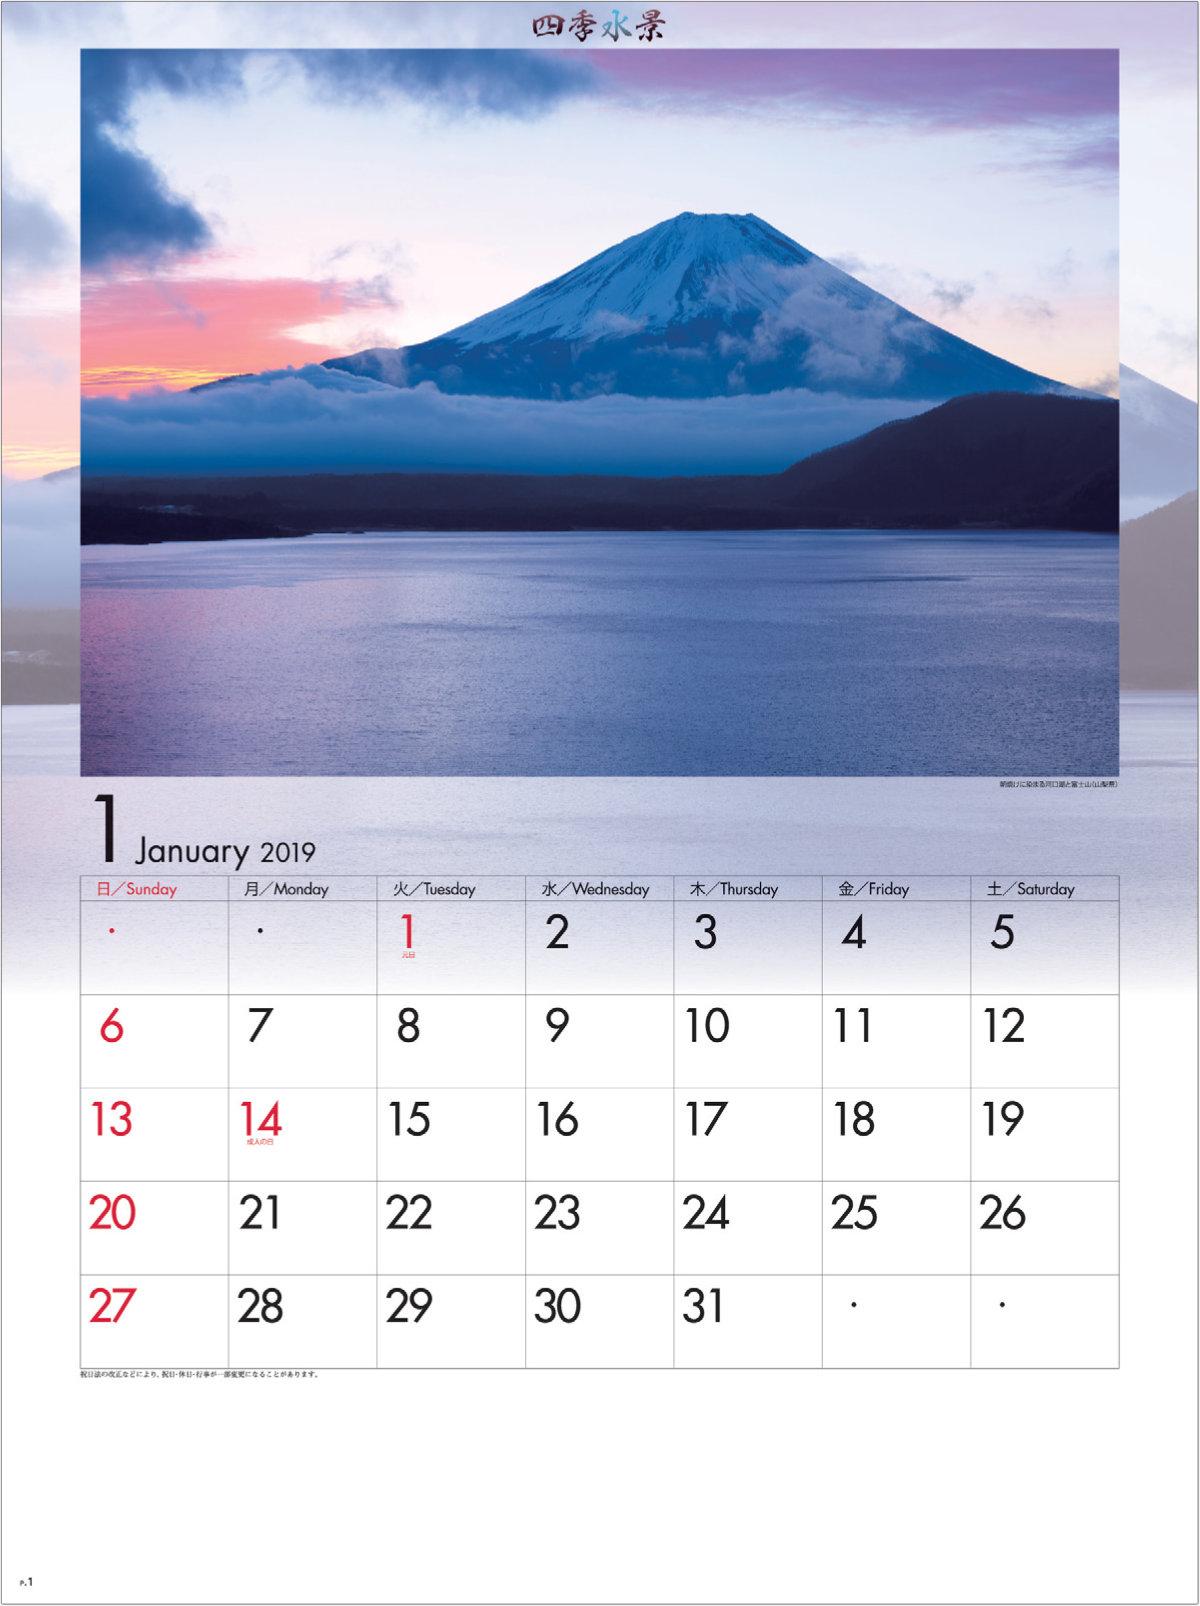 画像:山梨県 河口湖と富士山 四季水景 2019年カレンダー